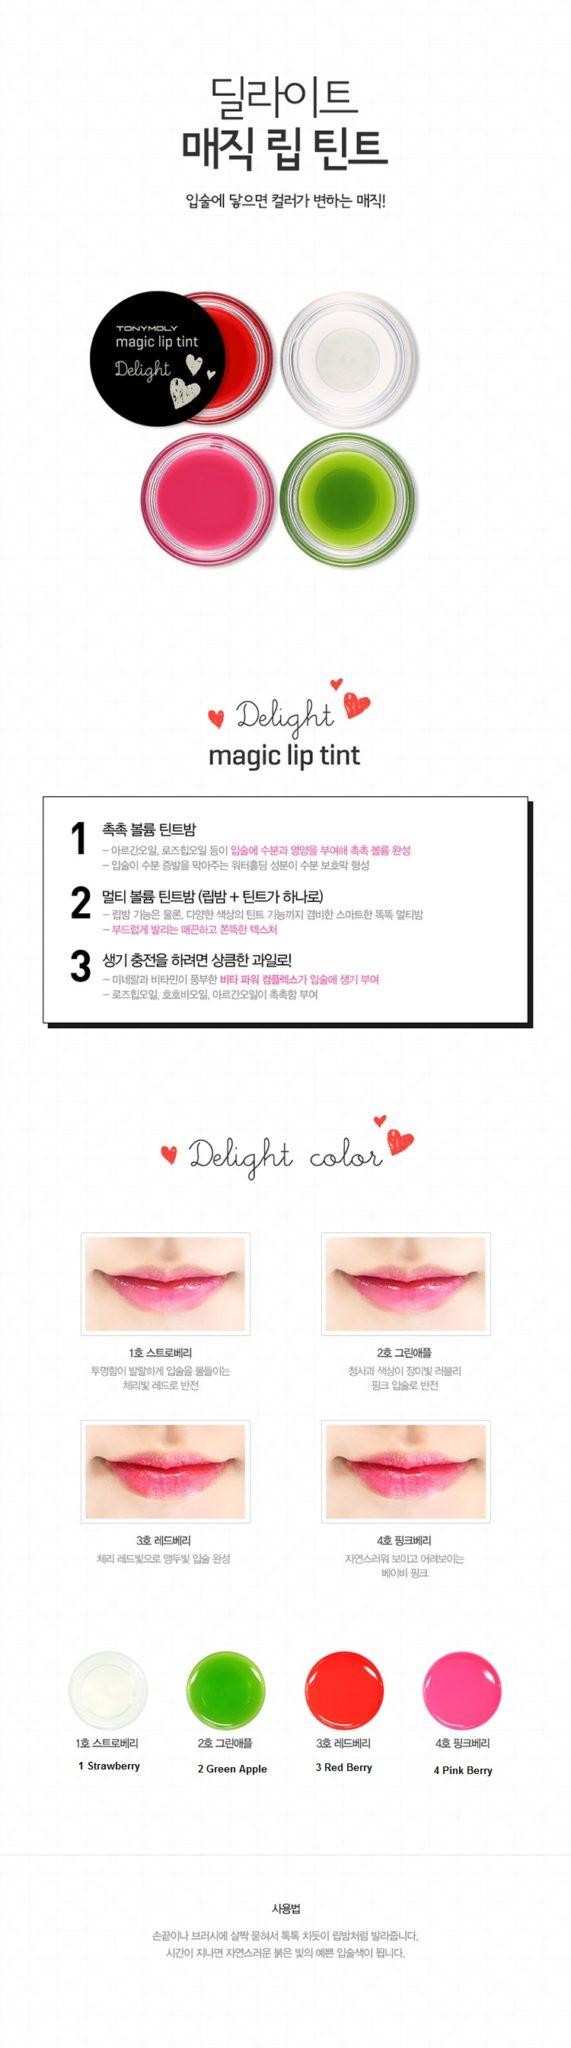 Tonymoly Delight Magic Lip Tint Seoul Next By You Malaysia Tony Moly Liptint 7g